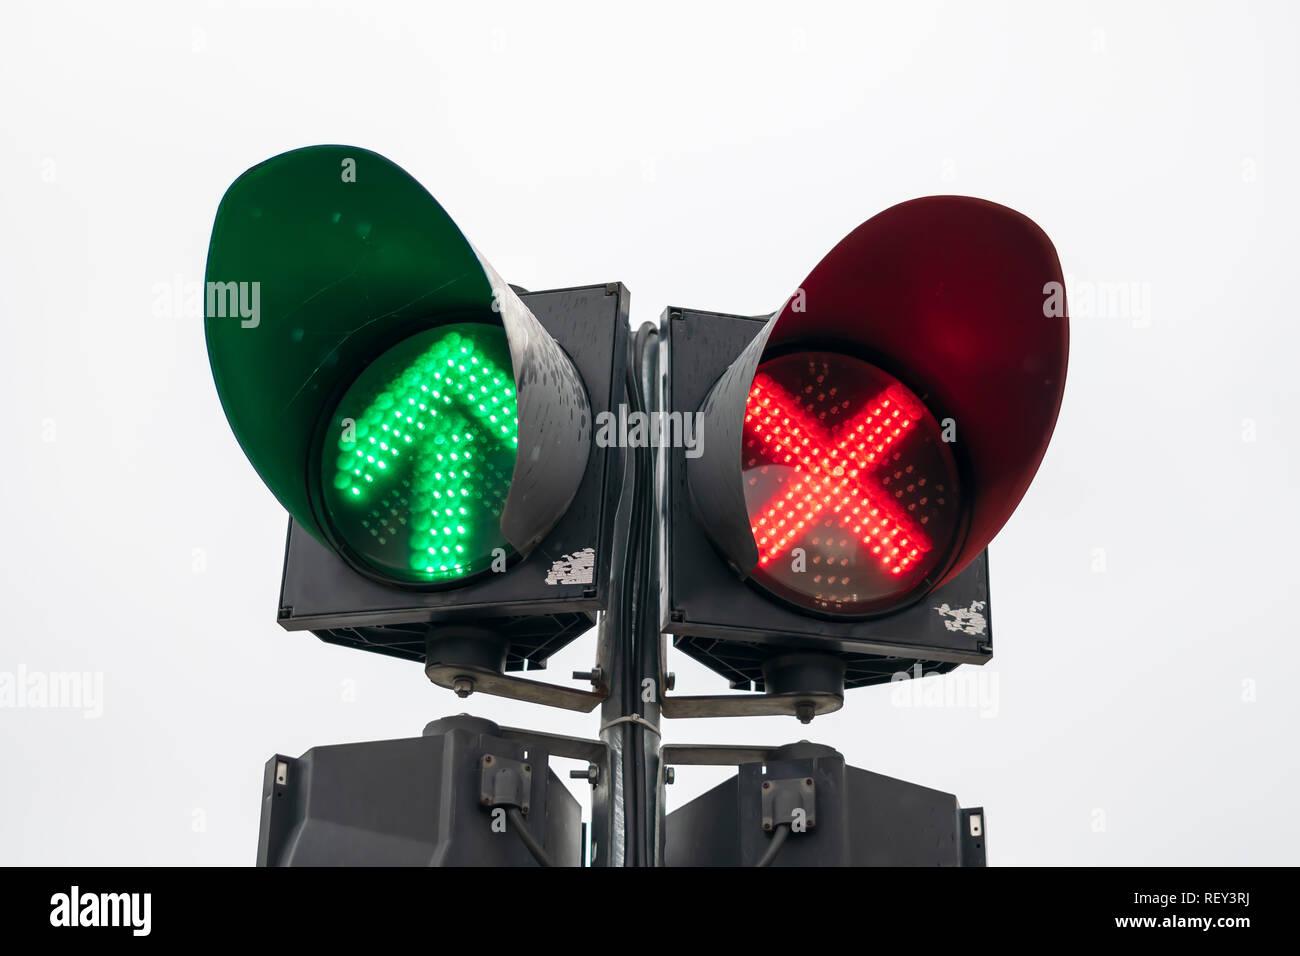 Semaforo Con Croce Rossa E Freccia Verde Acceso Sfondo Bianco Foto